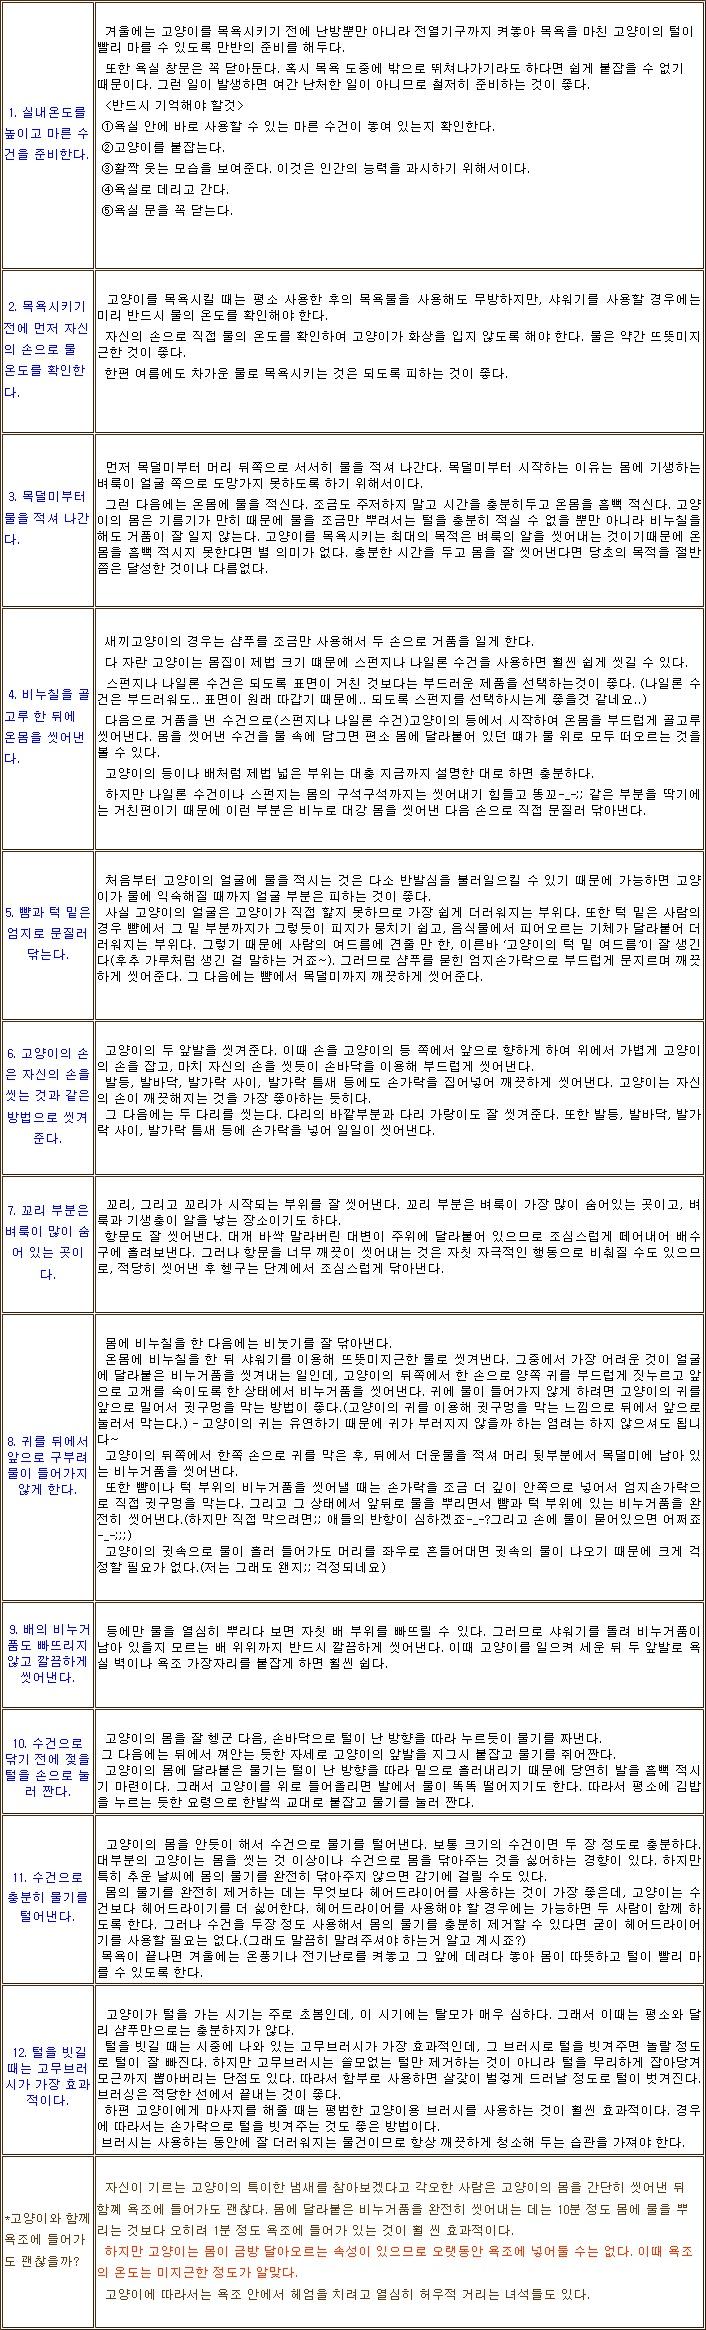 daum_net_20151125_100707.jpg